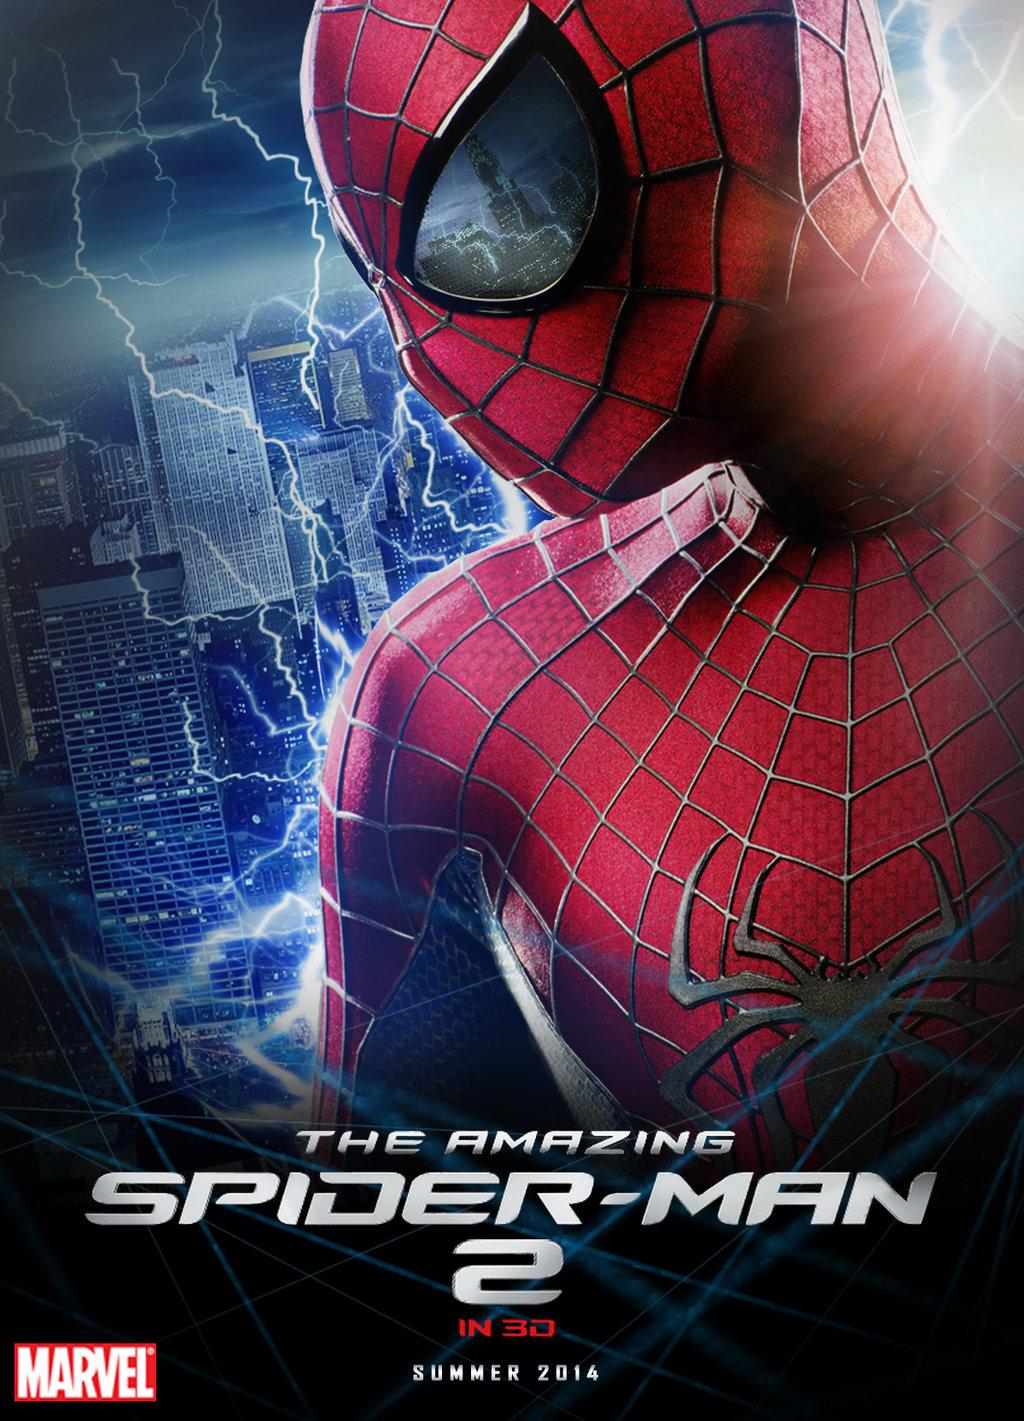 دانلود رایگان  فیلم The Amazing Spider-Man 2 2014